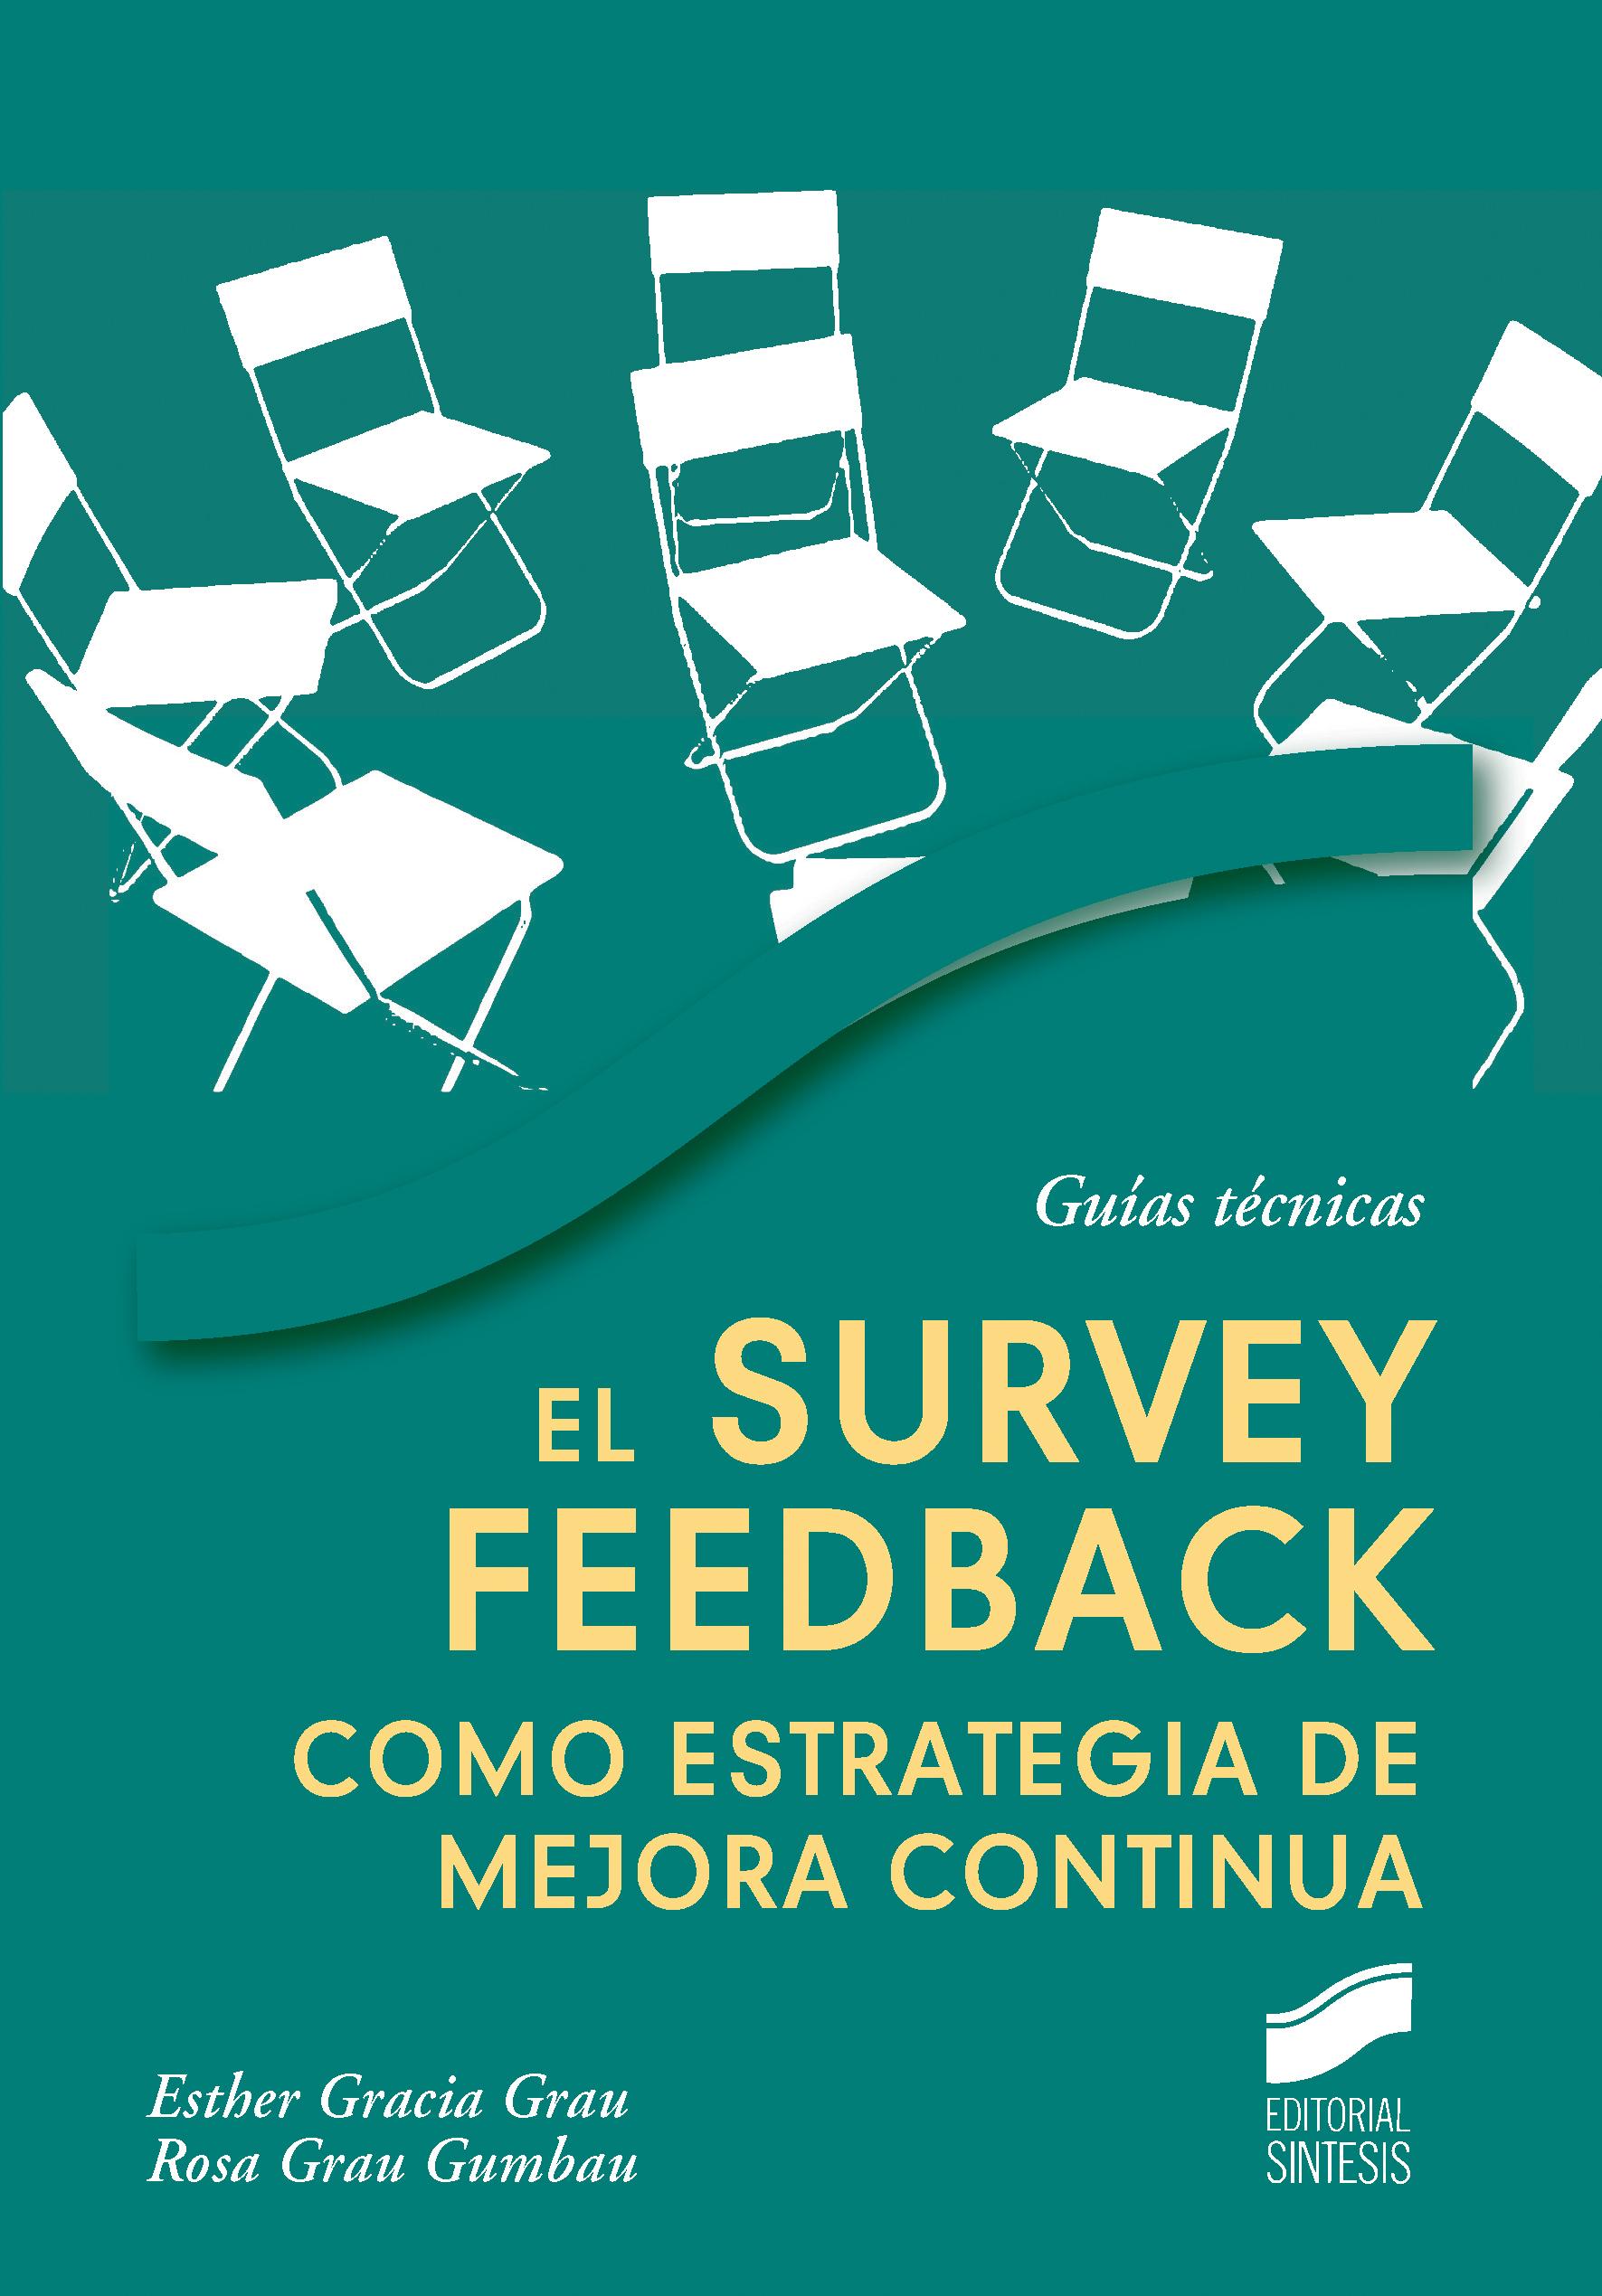 El survey feedback como estrategia de mejora continua